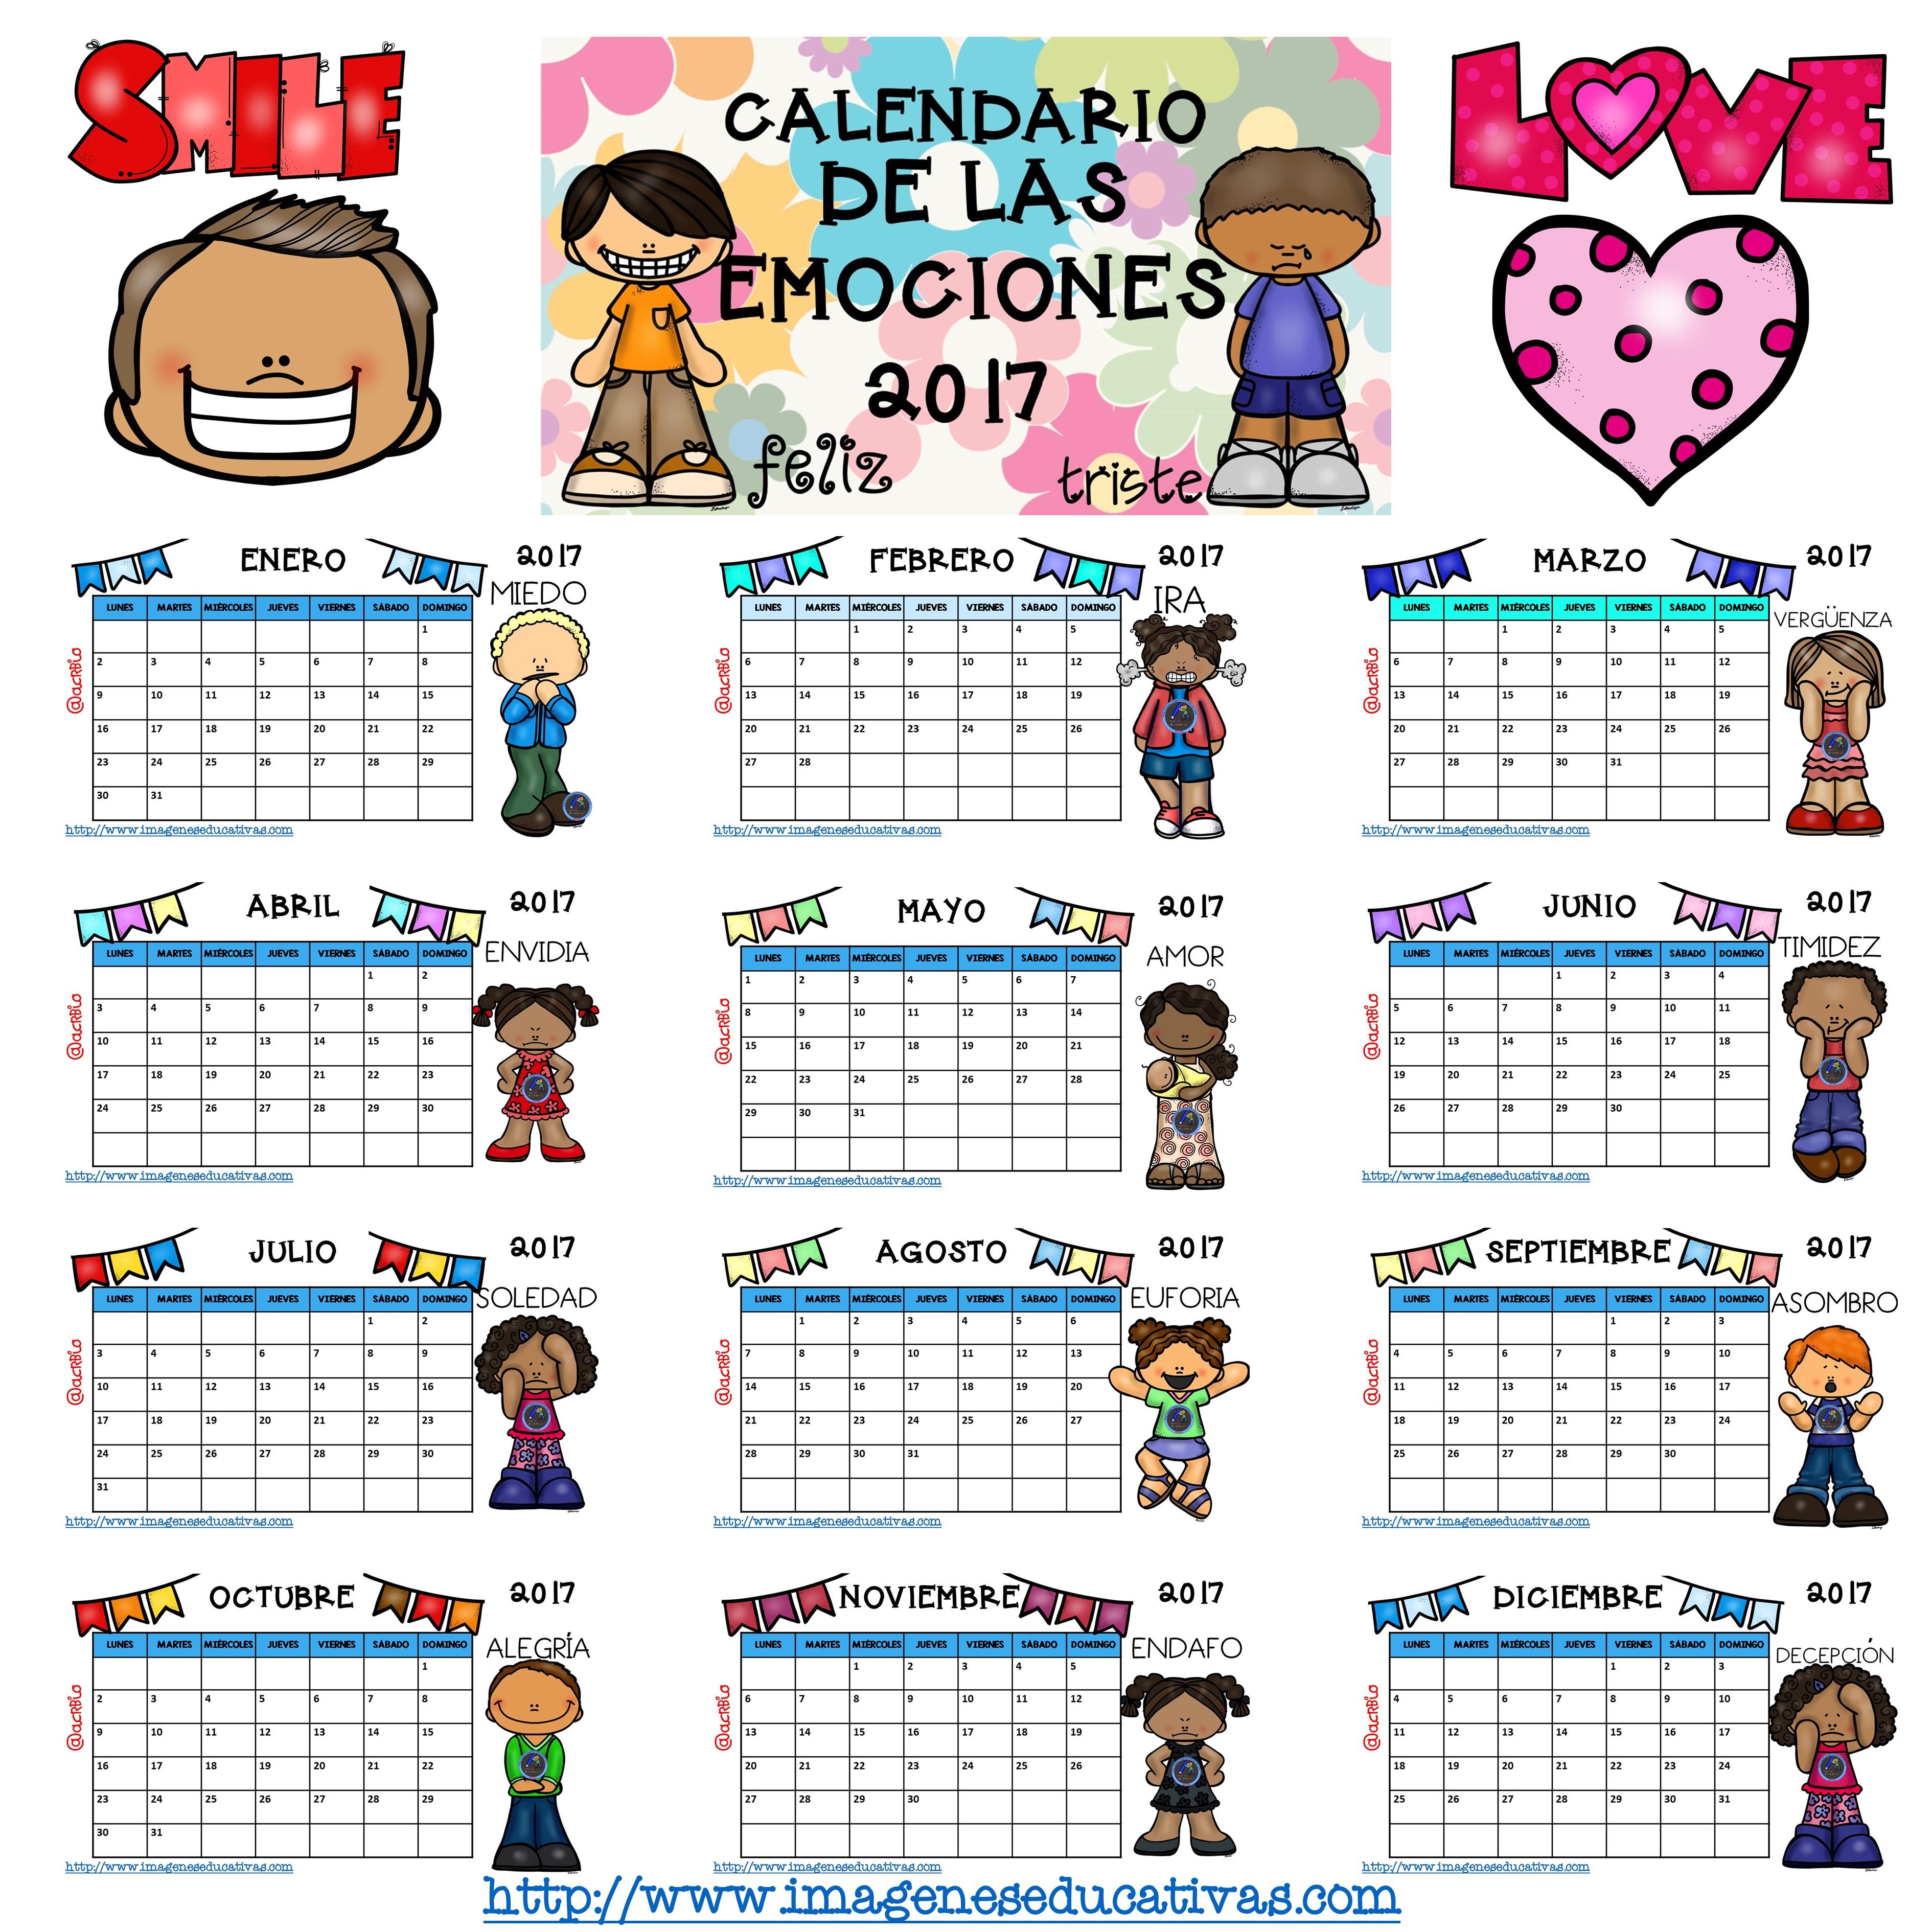 Calendario 2017 trabajamos las emociones gran formato 1 - Calendario 2017 para imprimir por meses ...